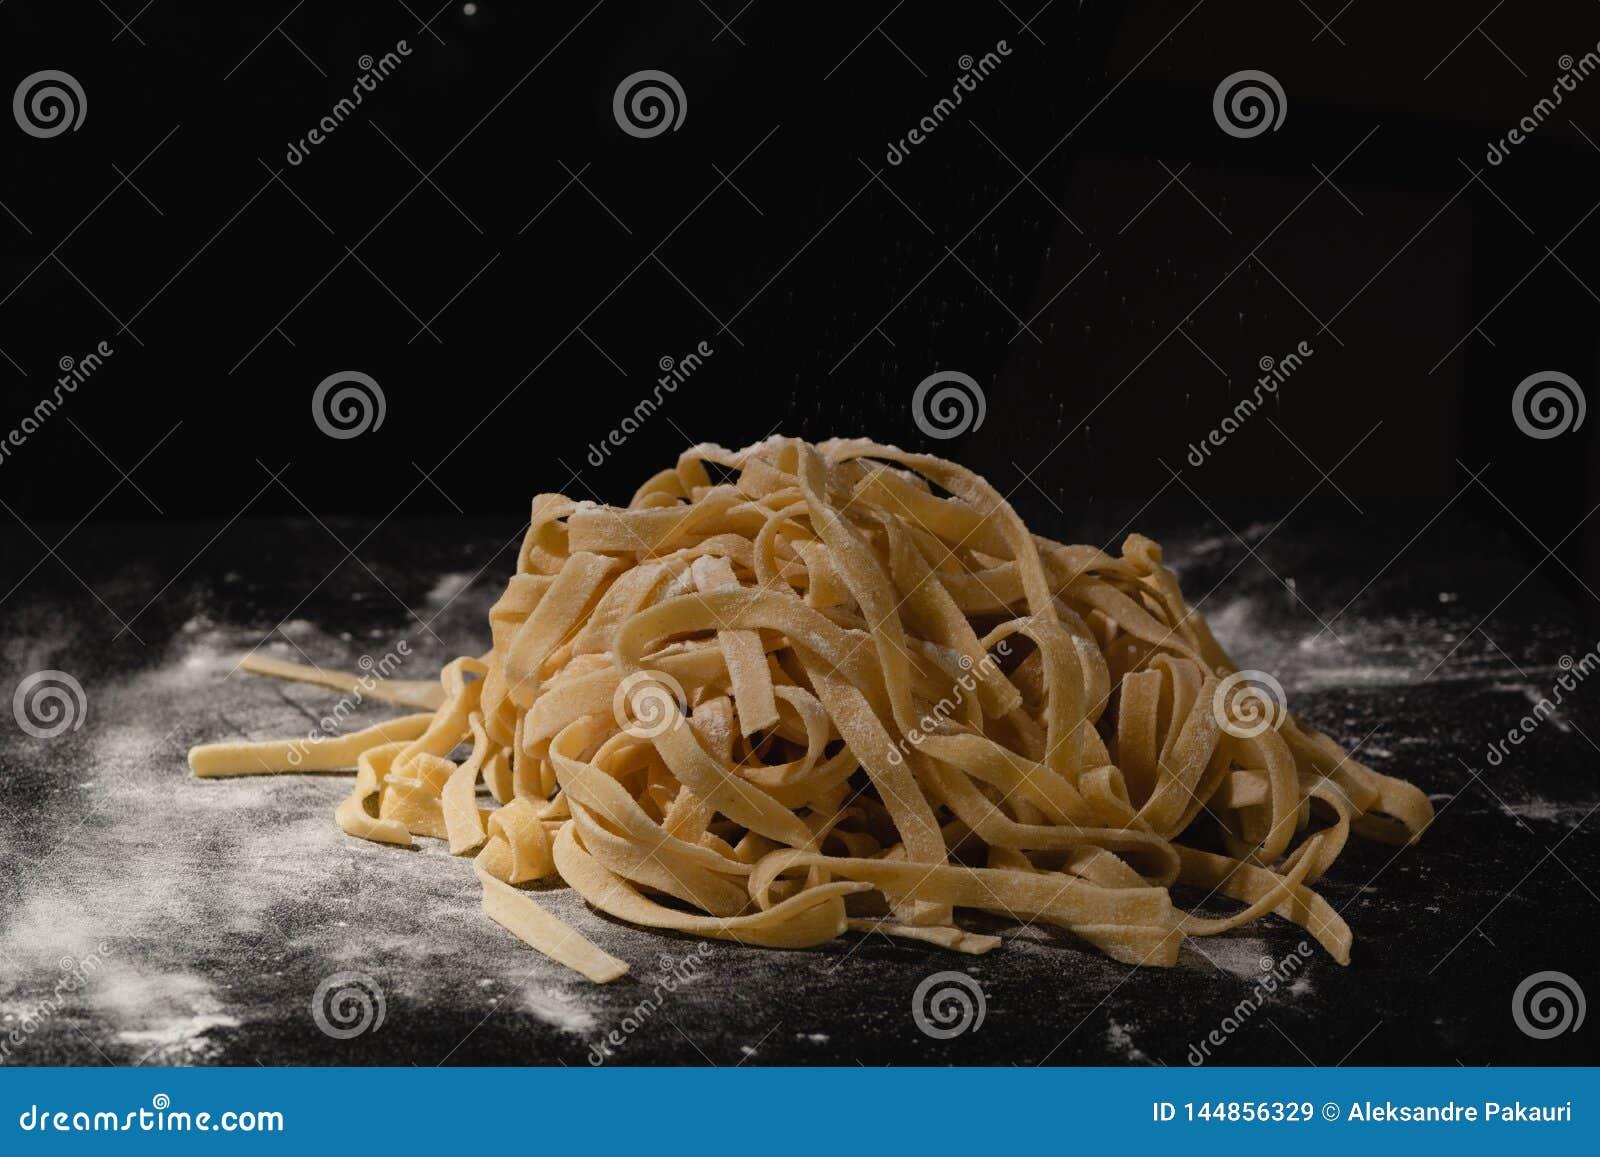 Verse Italiaanse ongekookte eigengemaakte deegwaren Handen die deegwaren maken spaghetti Verse Italiaanse spaghetti Close-up van